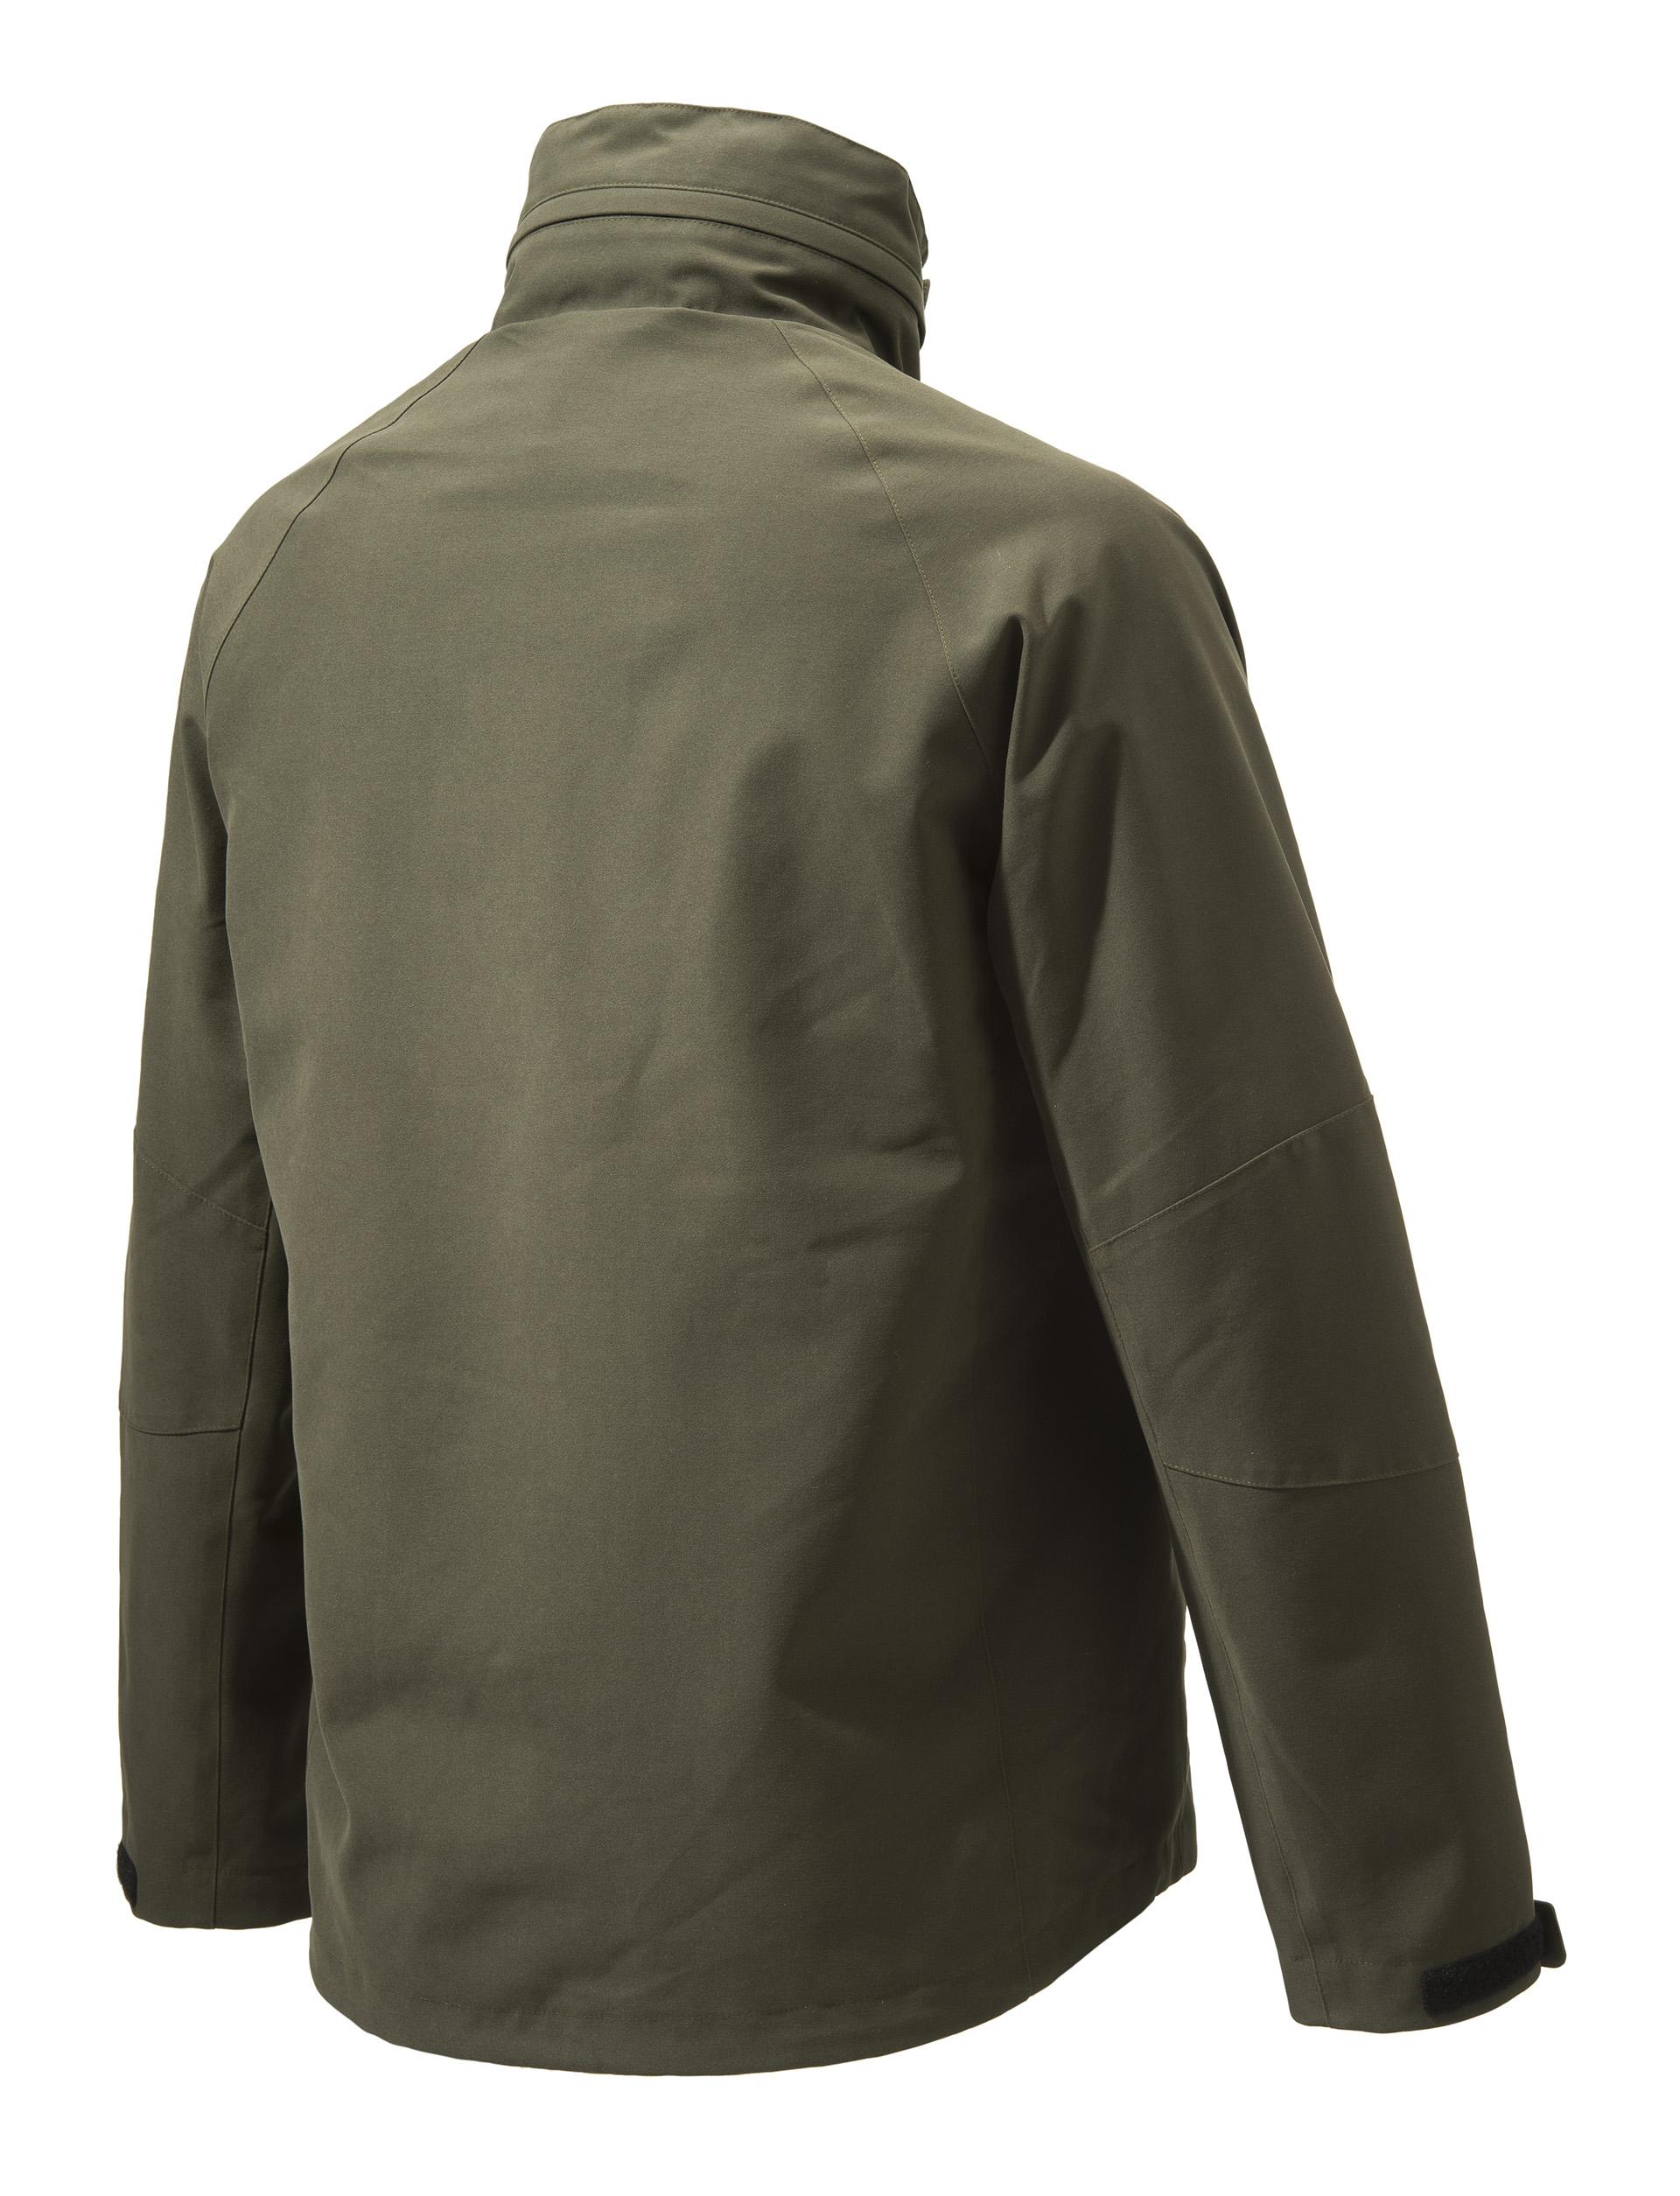 GU972022950715 Beretta Lite Shell Jacket Green Back